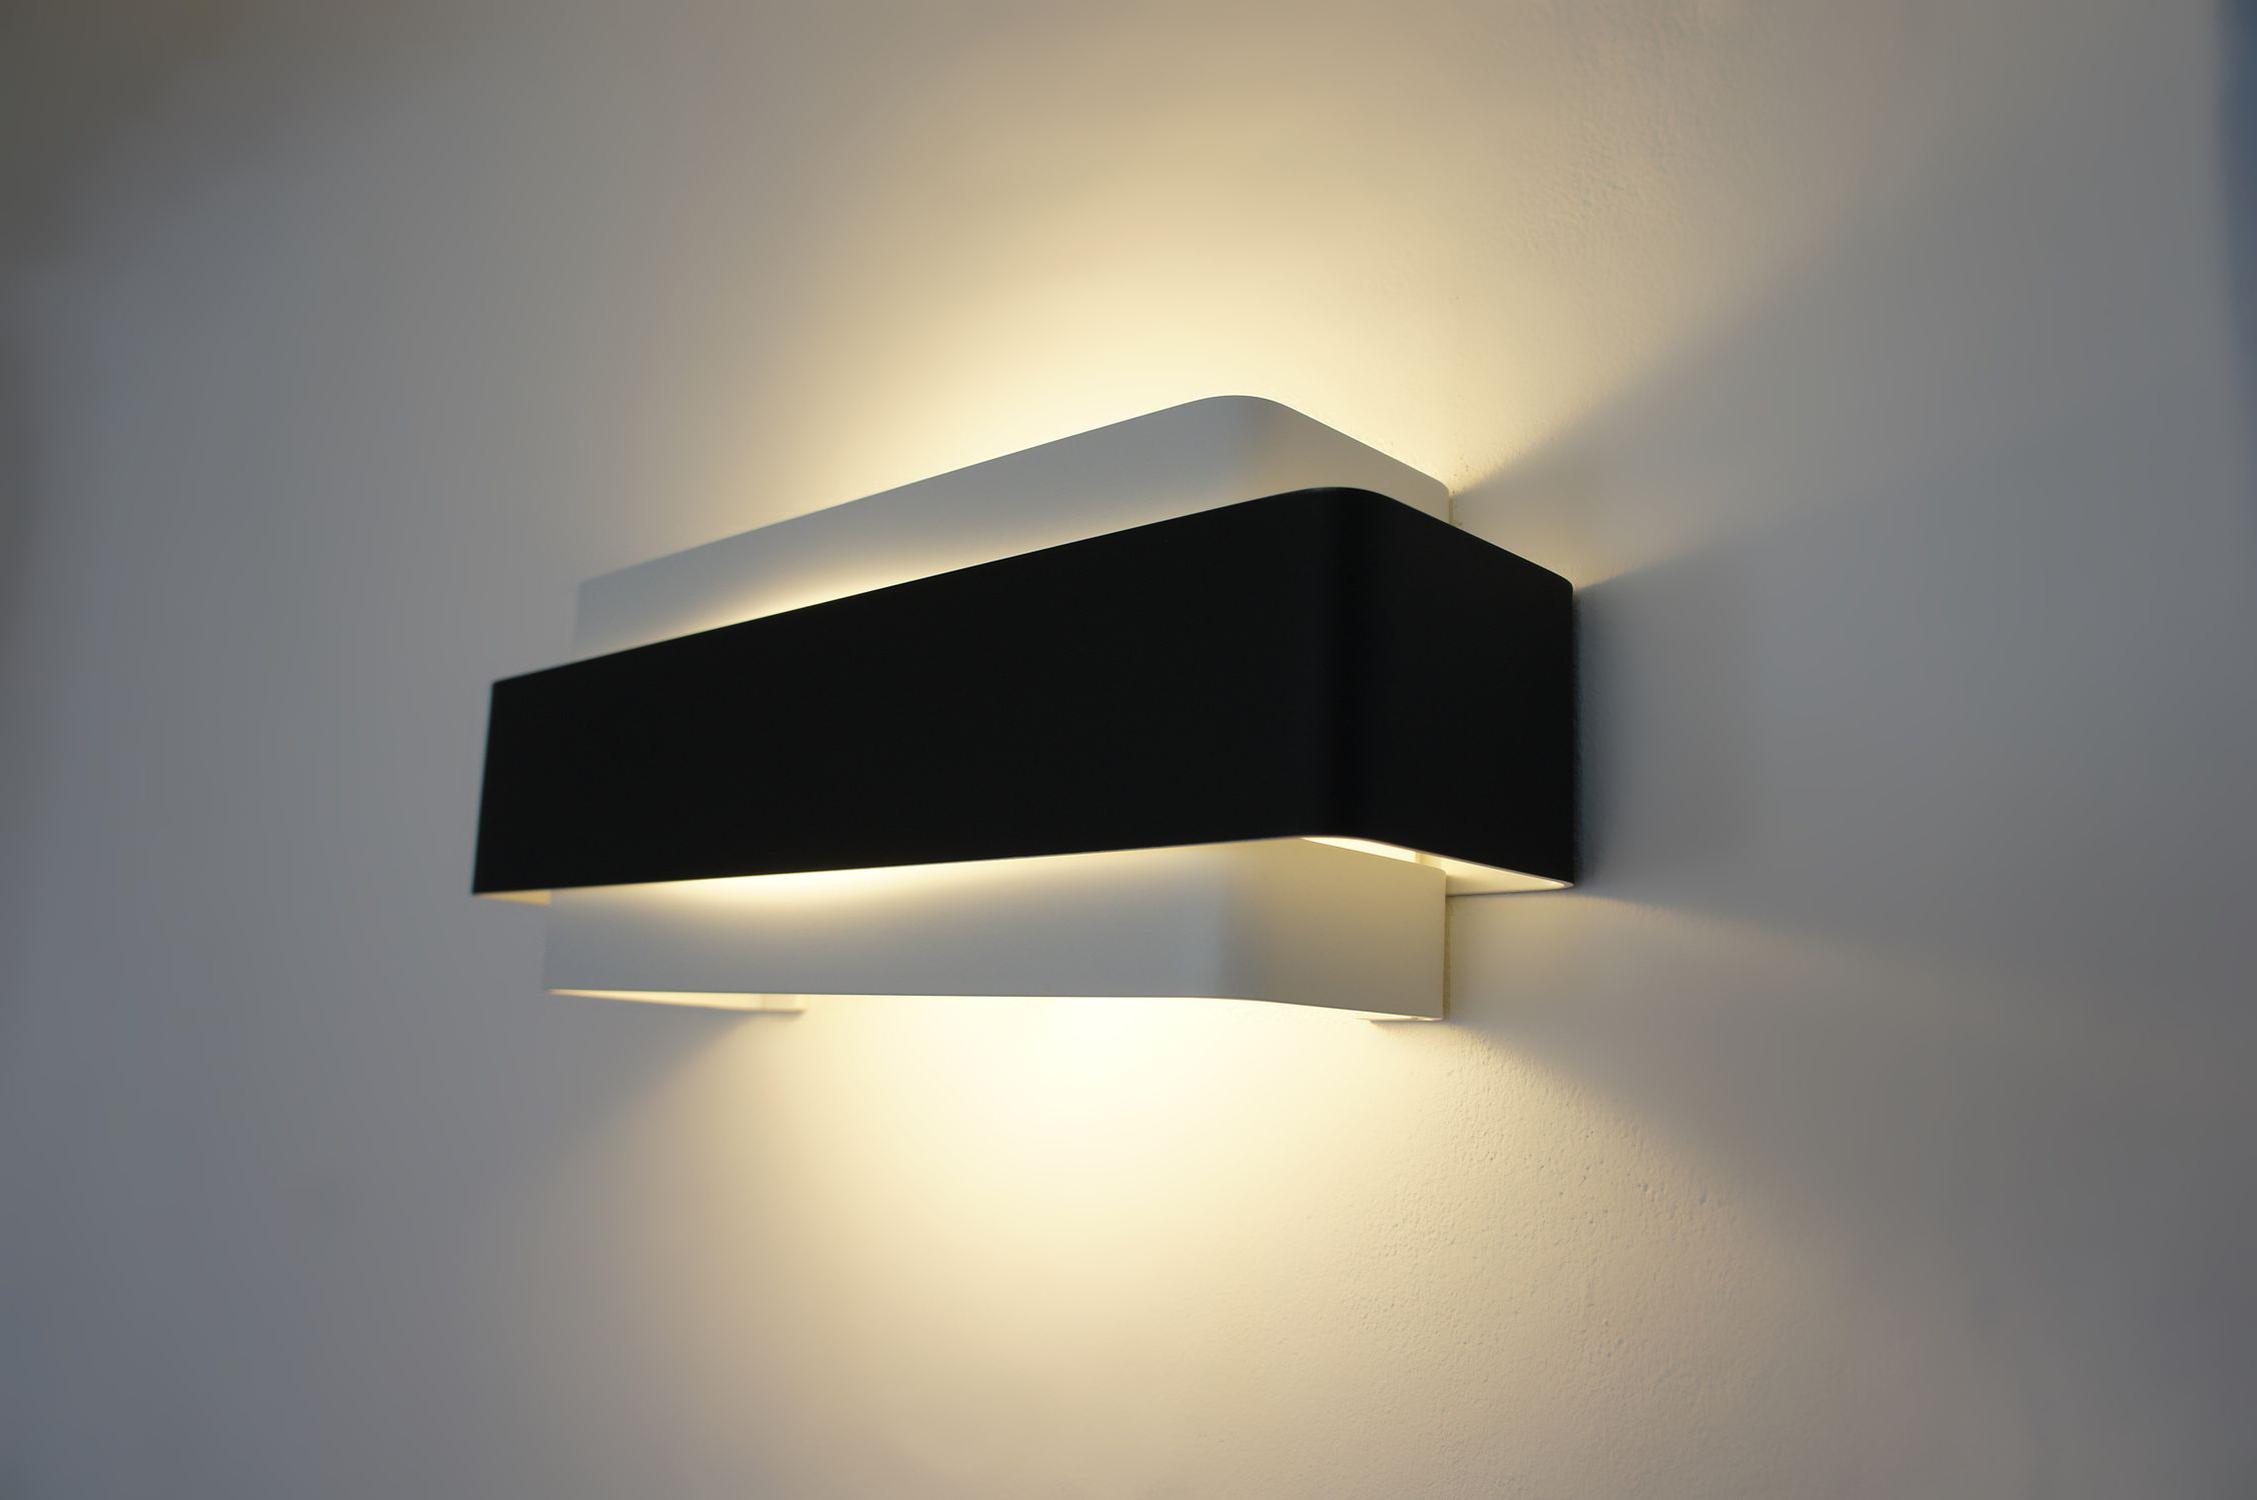 Maison Idée De Murale Luminaire Lampe Solde Applique Et v0nwm8N